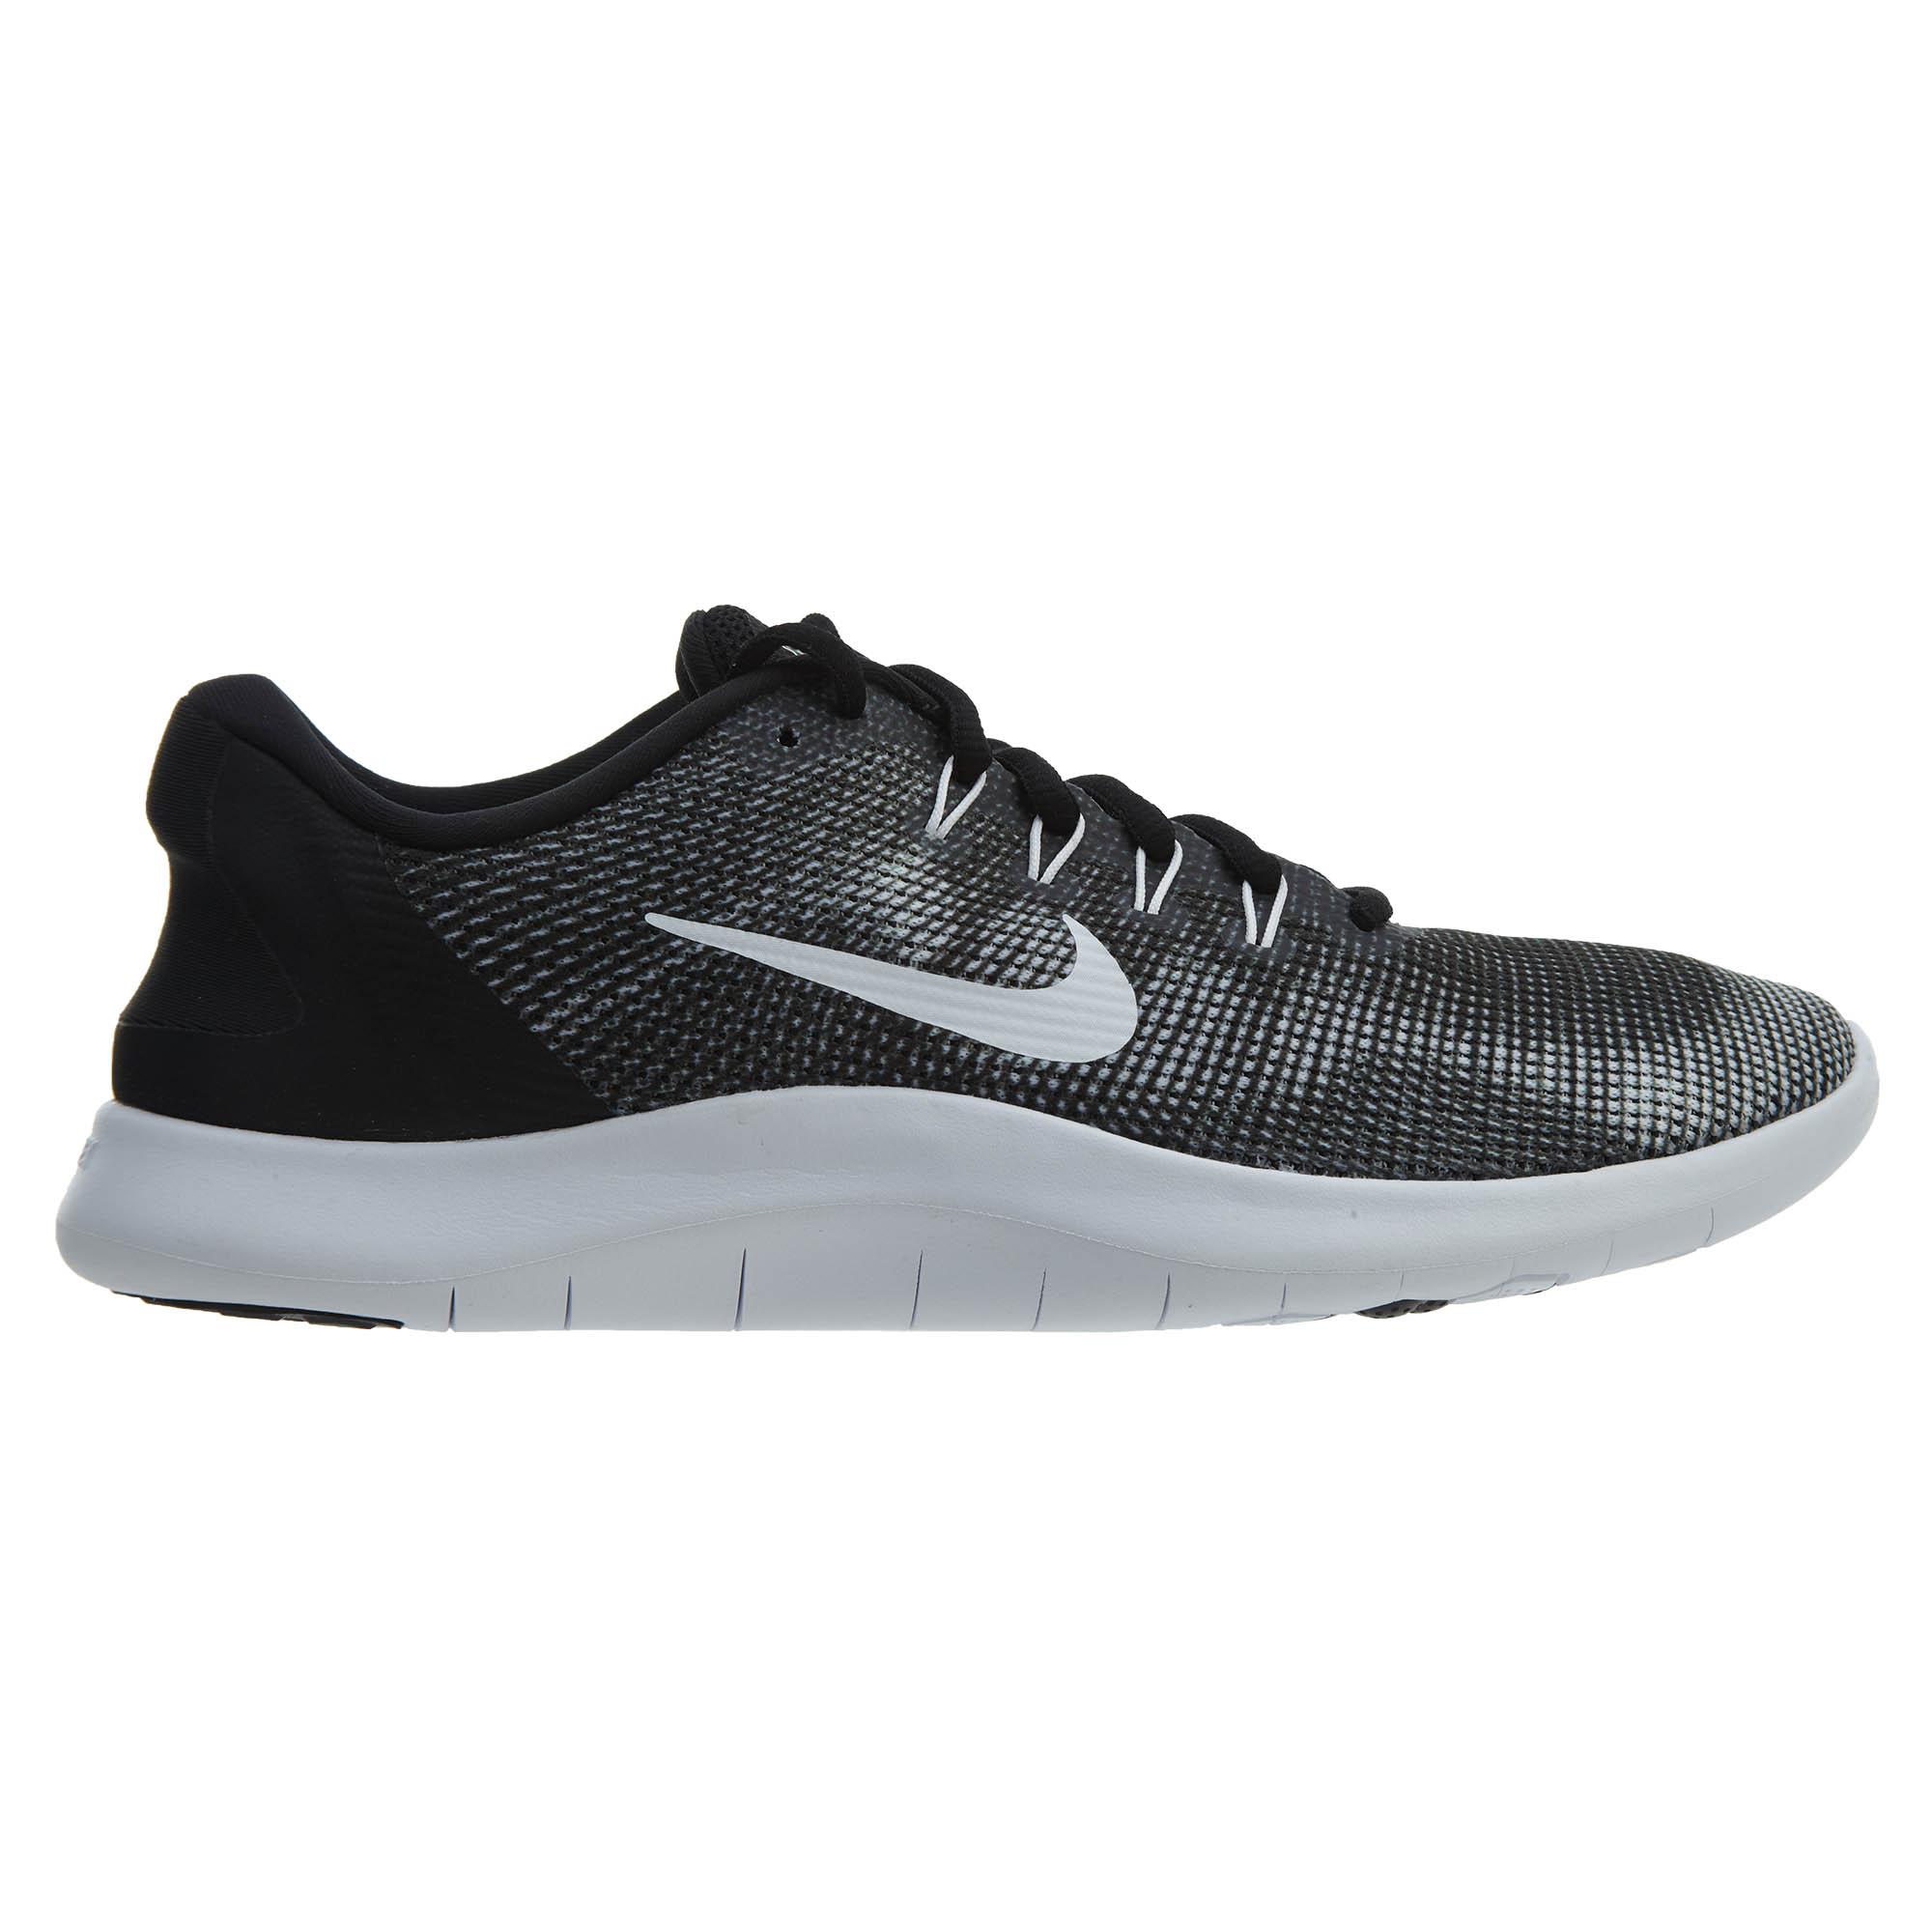 Nike Flex 2018 Rn Black White - AA7397-001